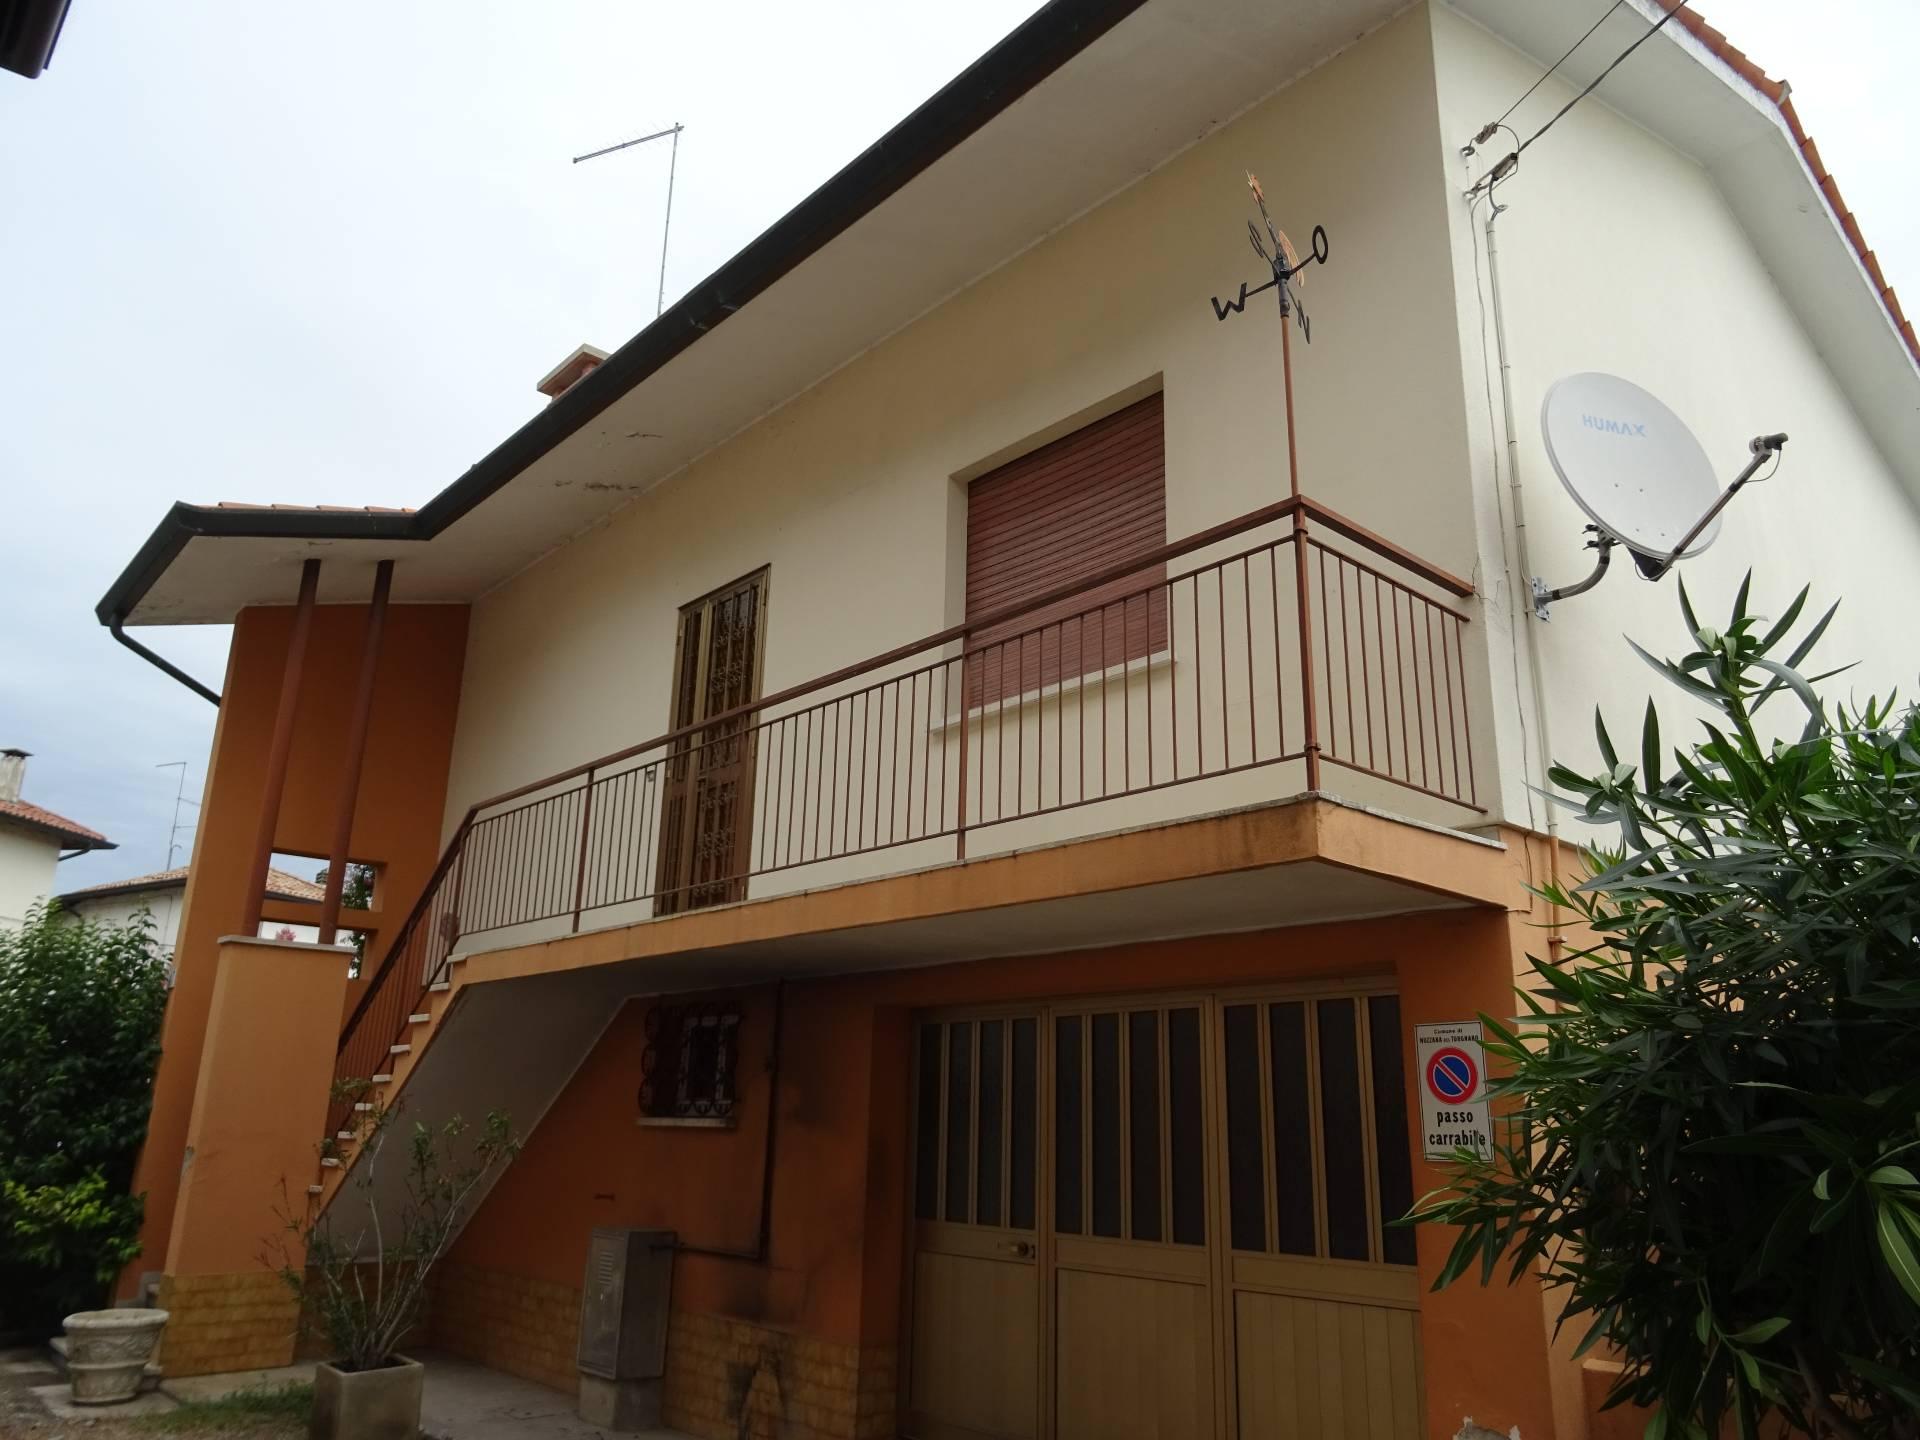 Soluzione Indipendente in vendita a Muzzana del Turgnano, 5 locali, prezzo € 60.345 | CambioCasa.it